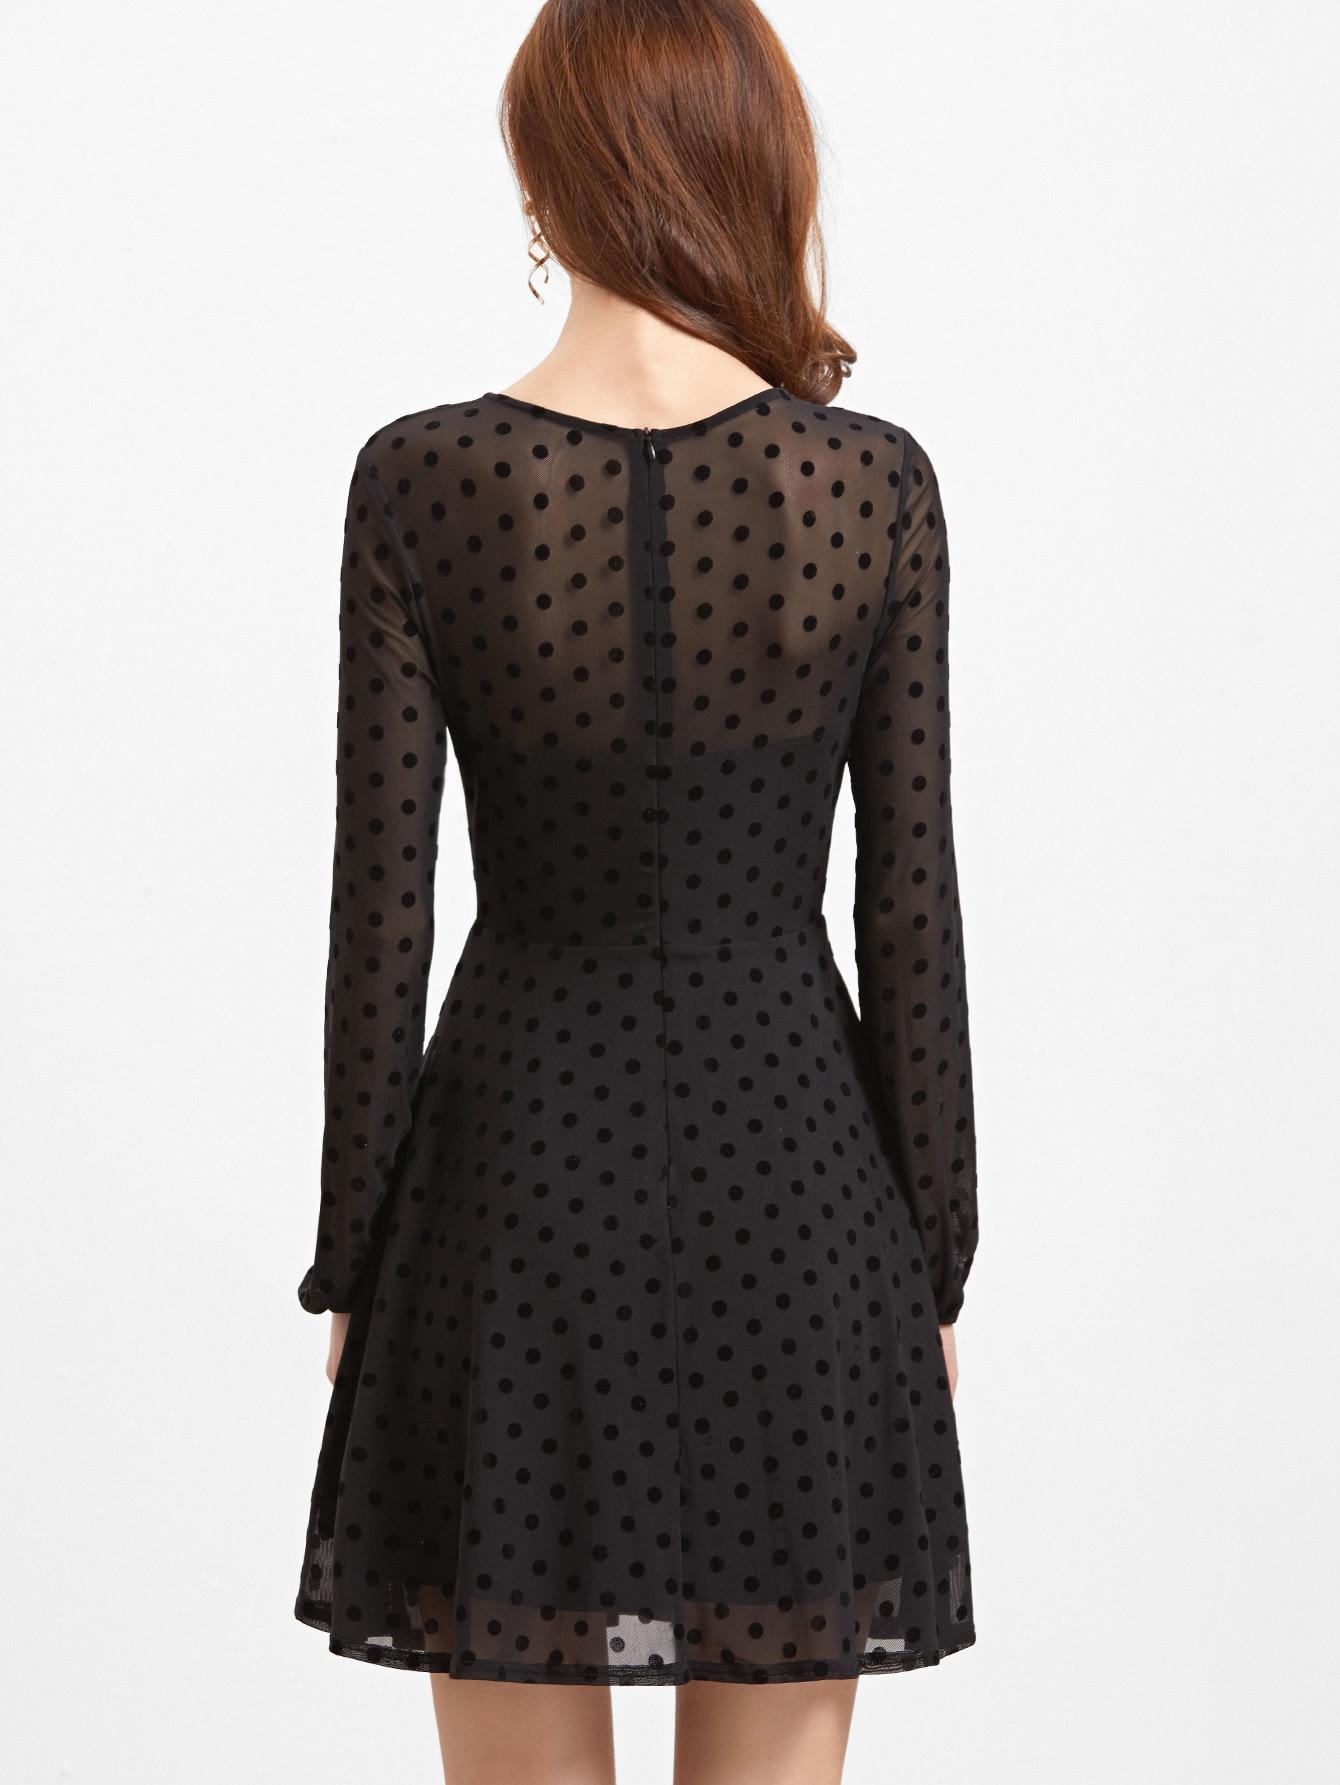 dress161205702_2